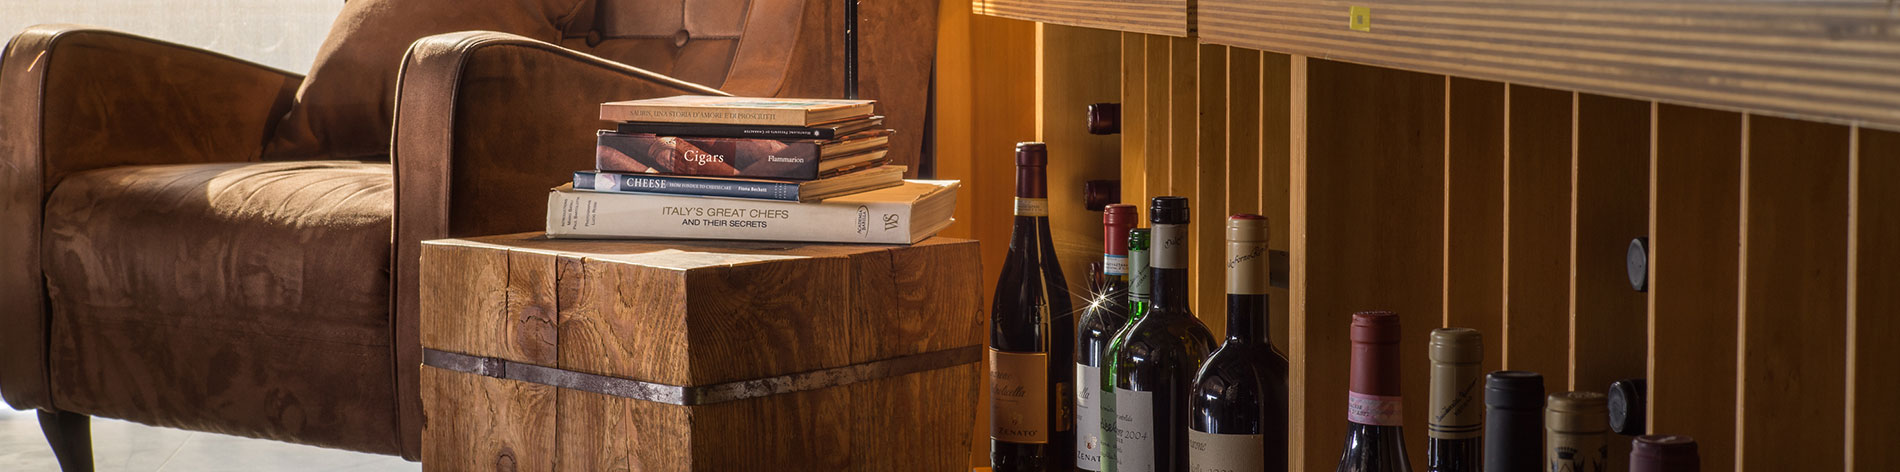 Wines in Malta